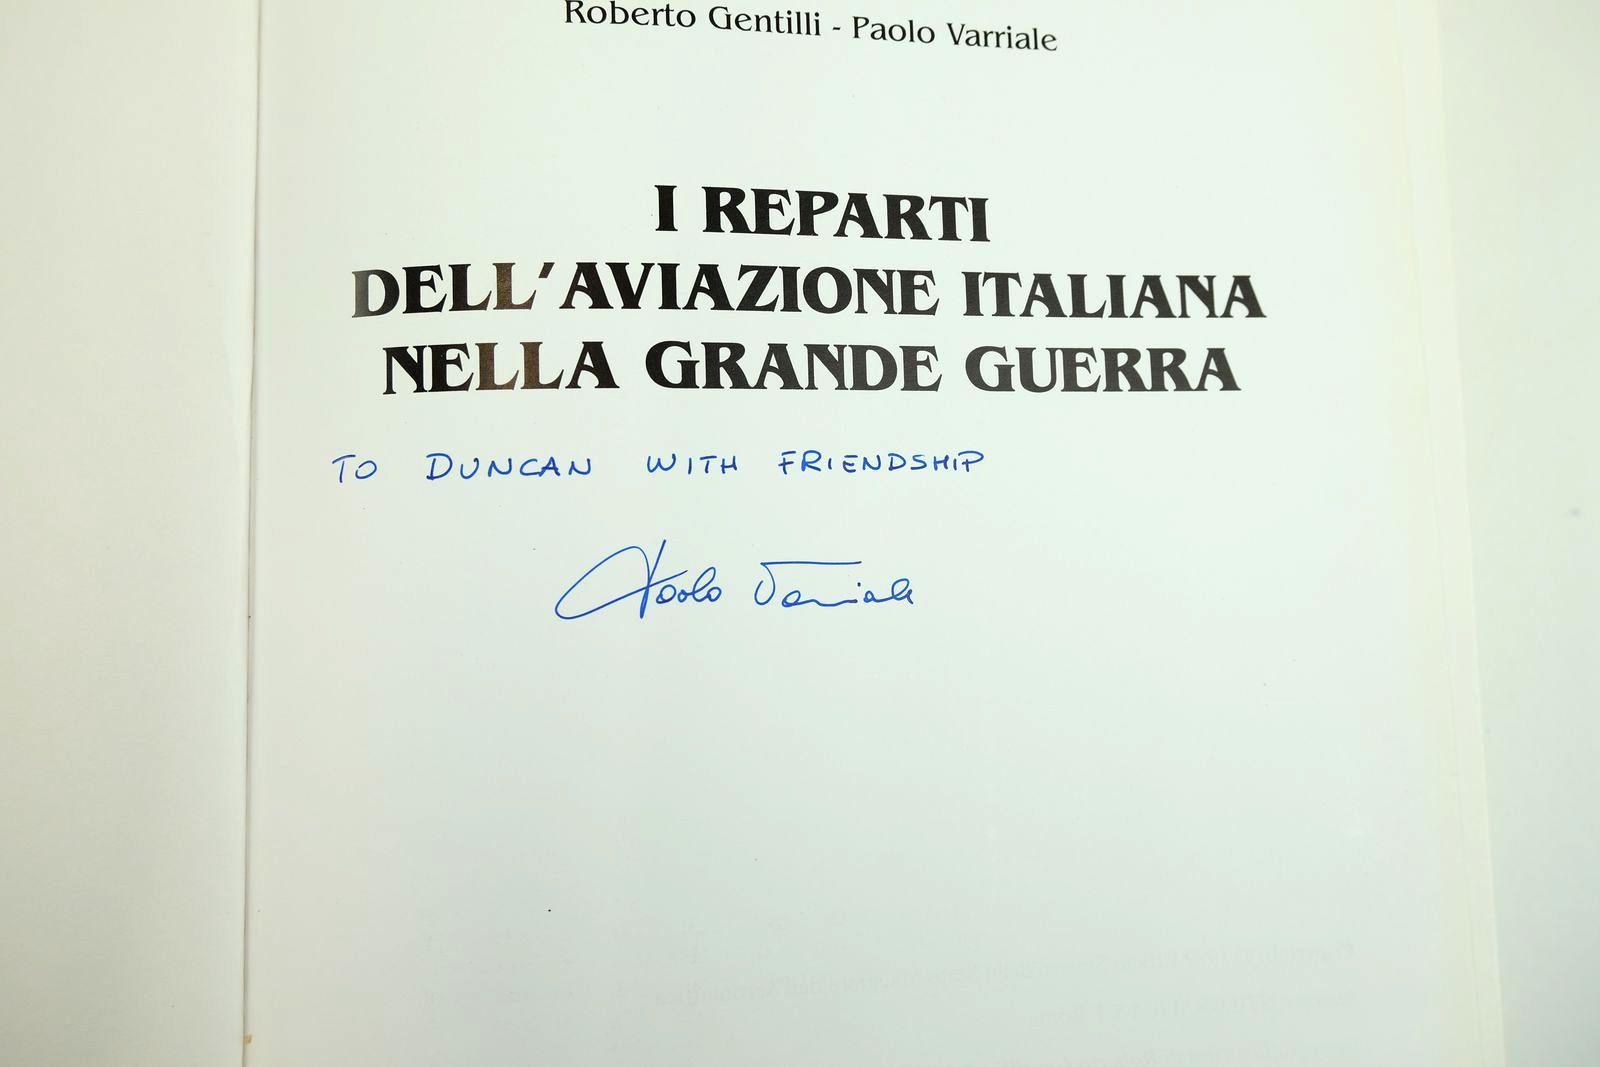 Photo of I REPARTI DELL'AVIAZIONE ITALIANA NELLA GRANDE GUERRA written by Gentilli, Roberto Varriale, Paolo published by Stilgrafica Srl (STOCK CODE: 2132186)  for sale by Stella & Rose's Books